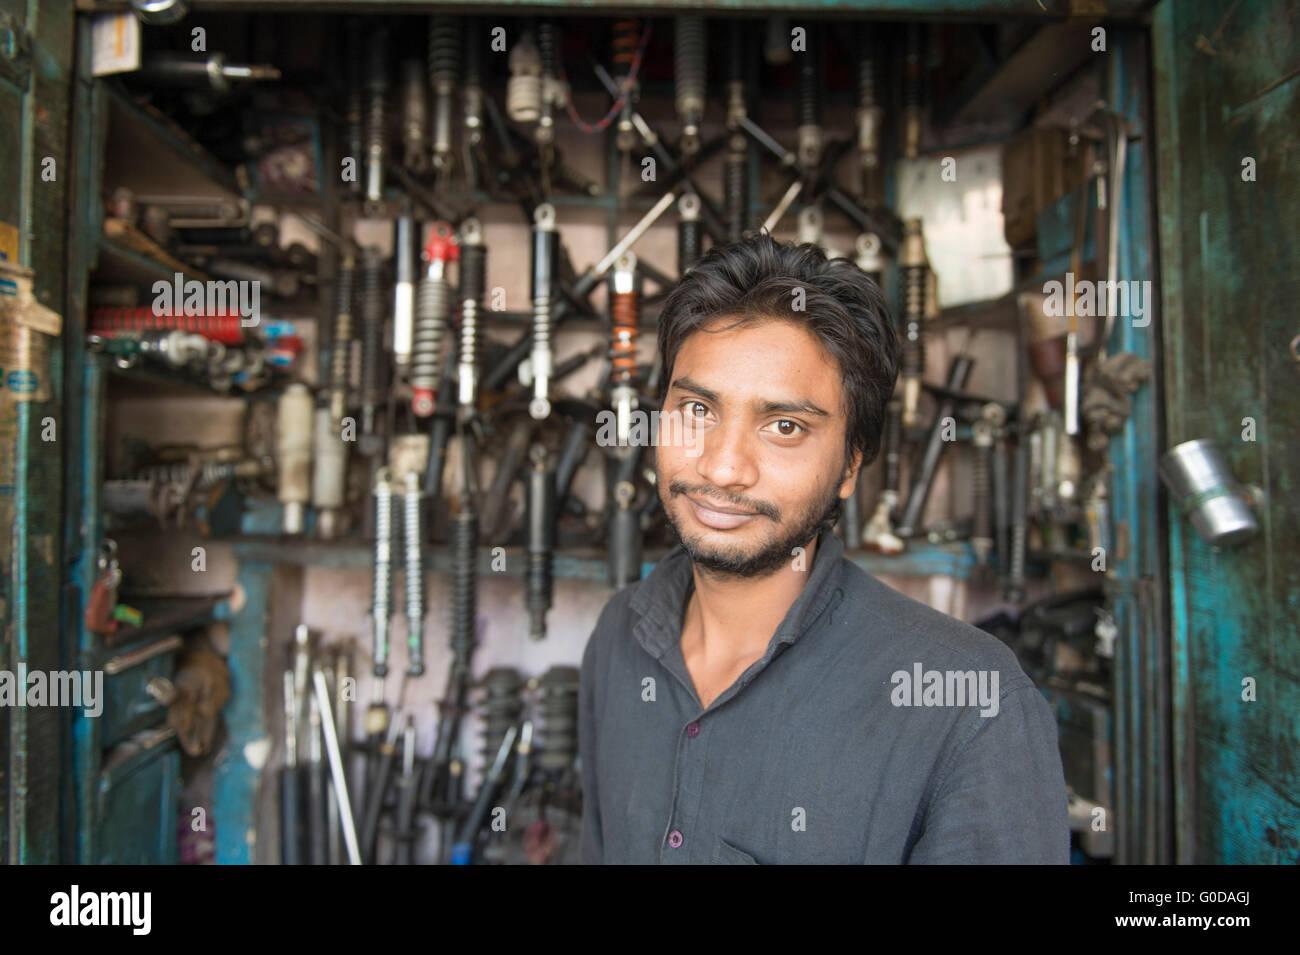 Mécanicien indien local posent pour l'appareil photo la rue de vieux Delhi en Inde. Photo Stock